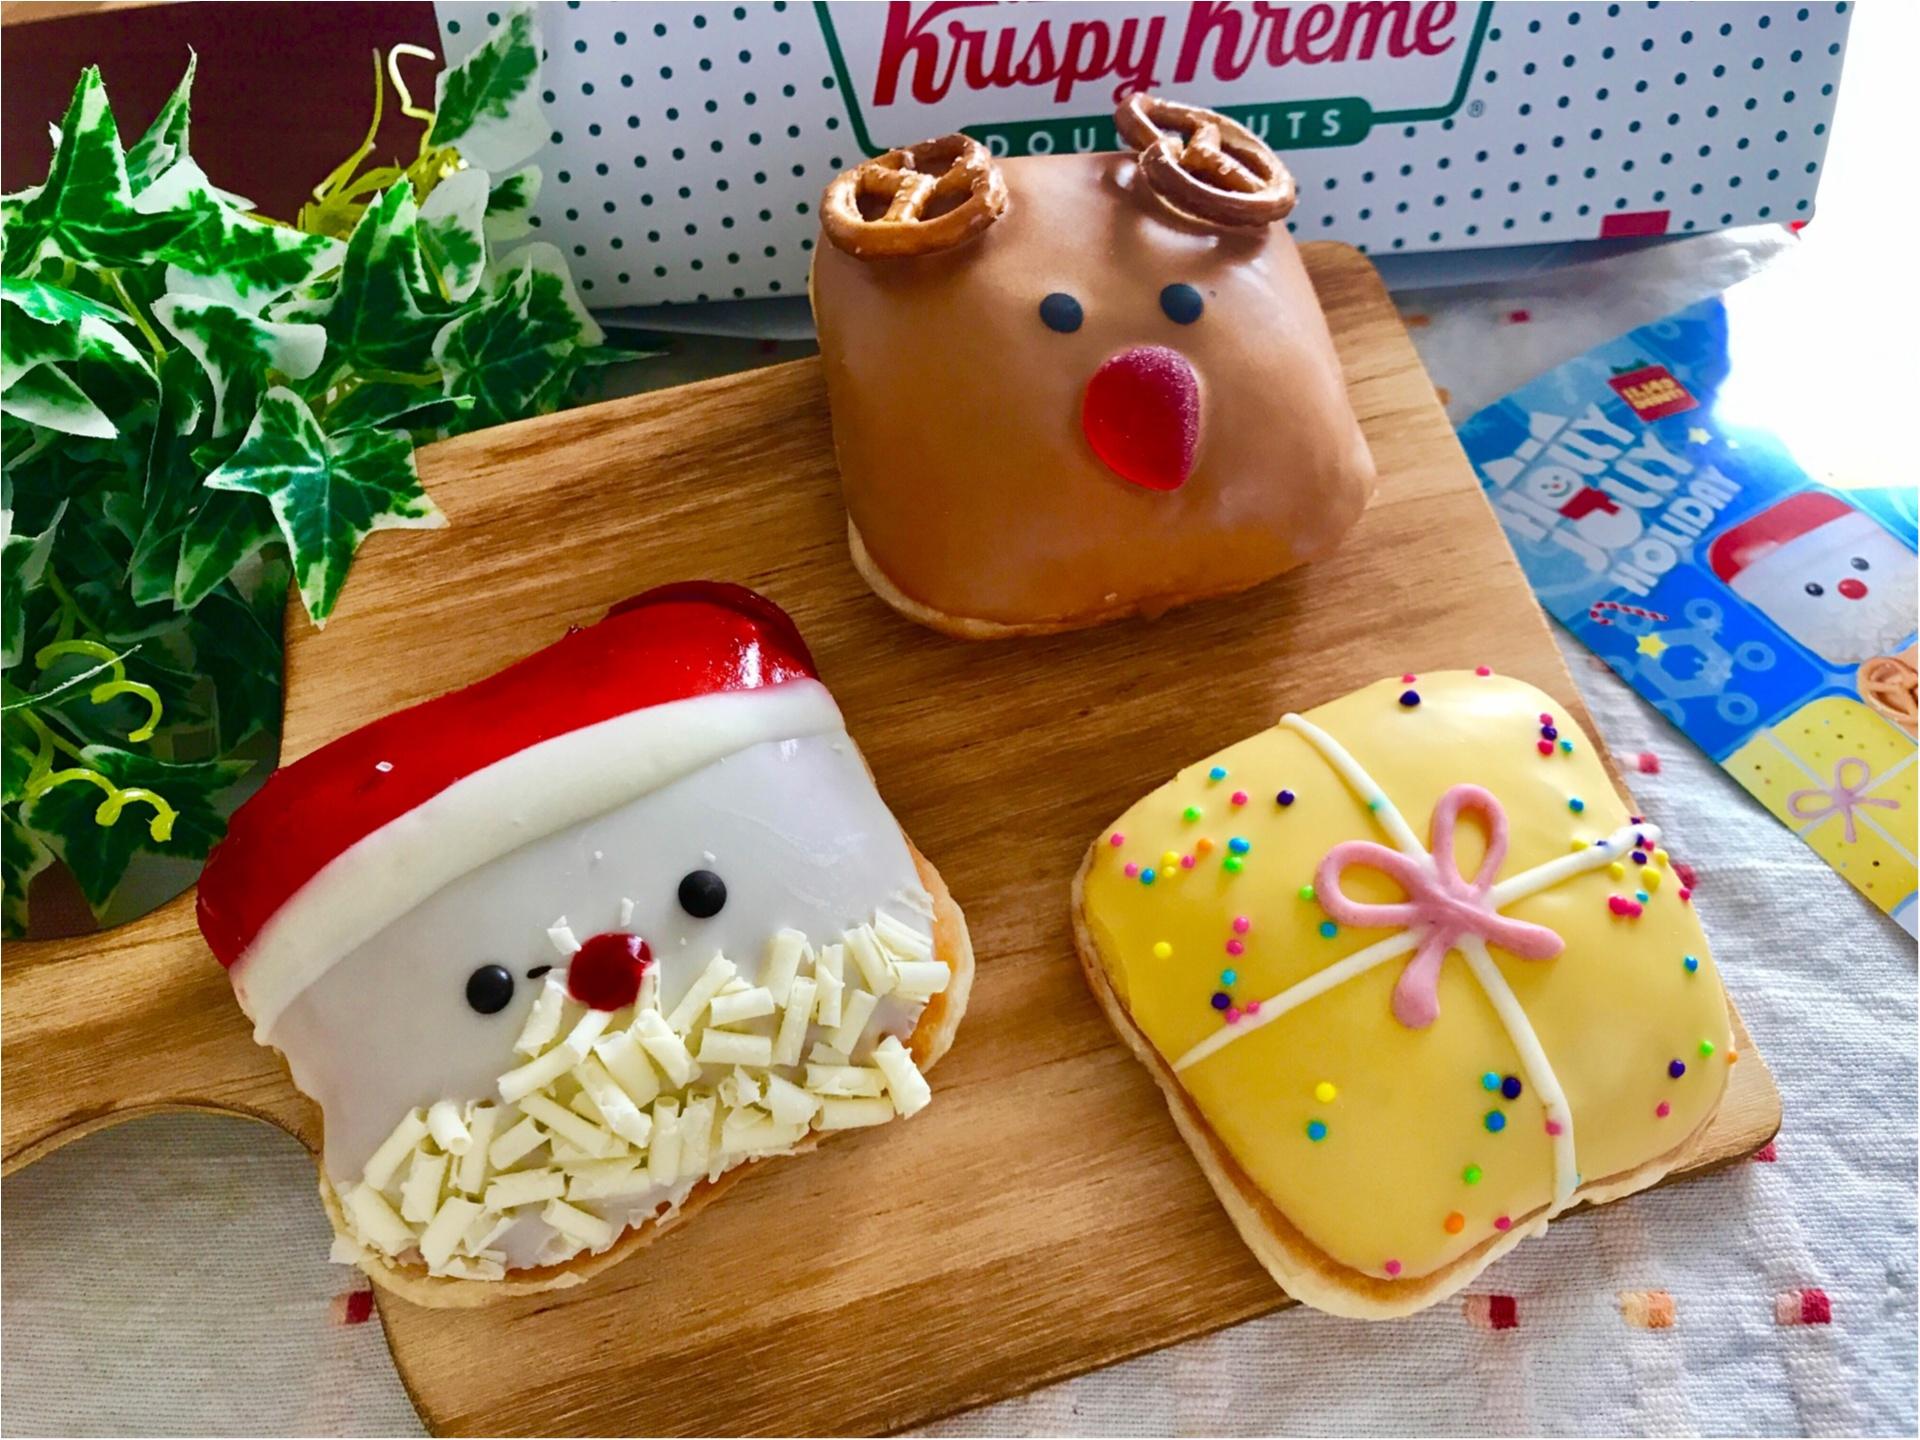 【クリスピークリームドーナツ】クリスマス限定ドーナツが可愛すぎると絶賛の嵐♡_6